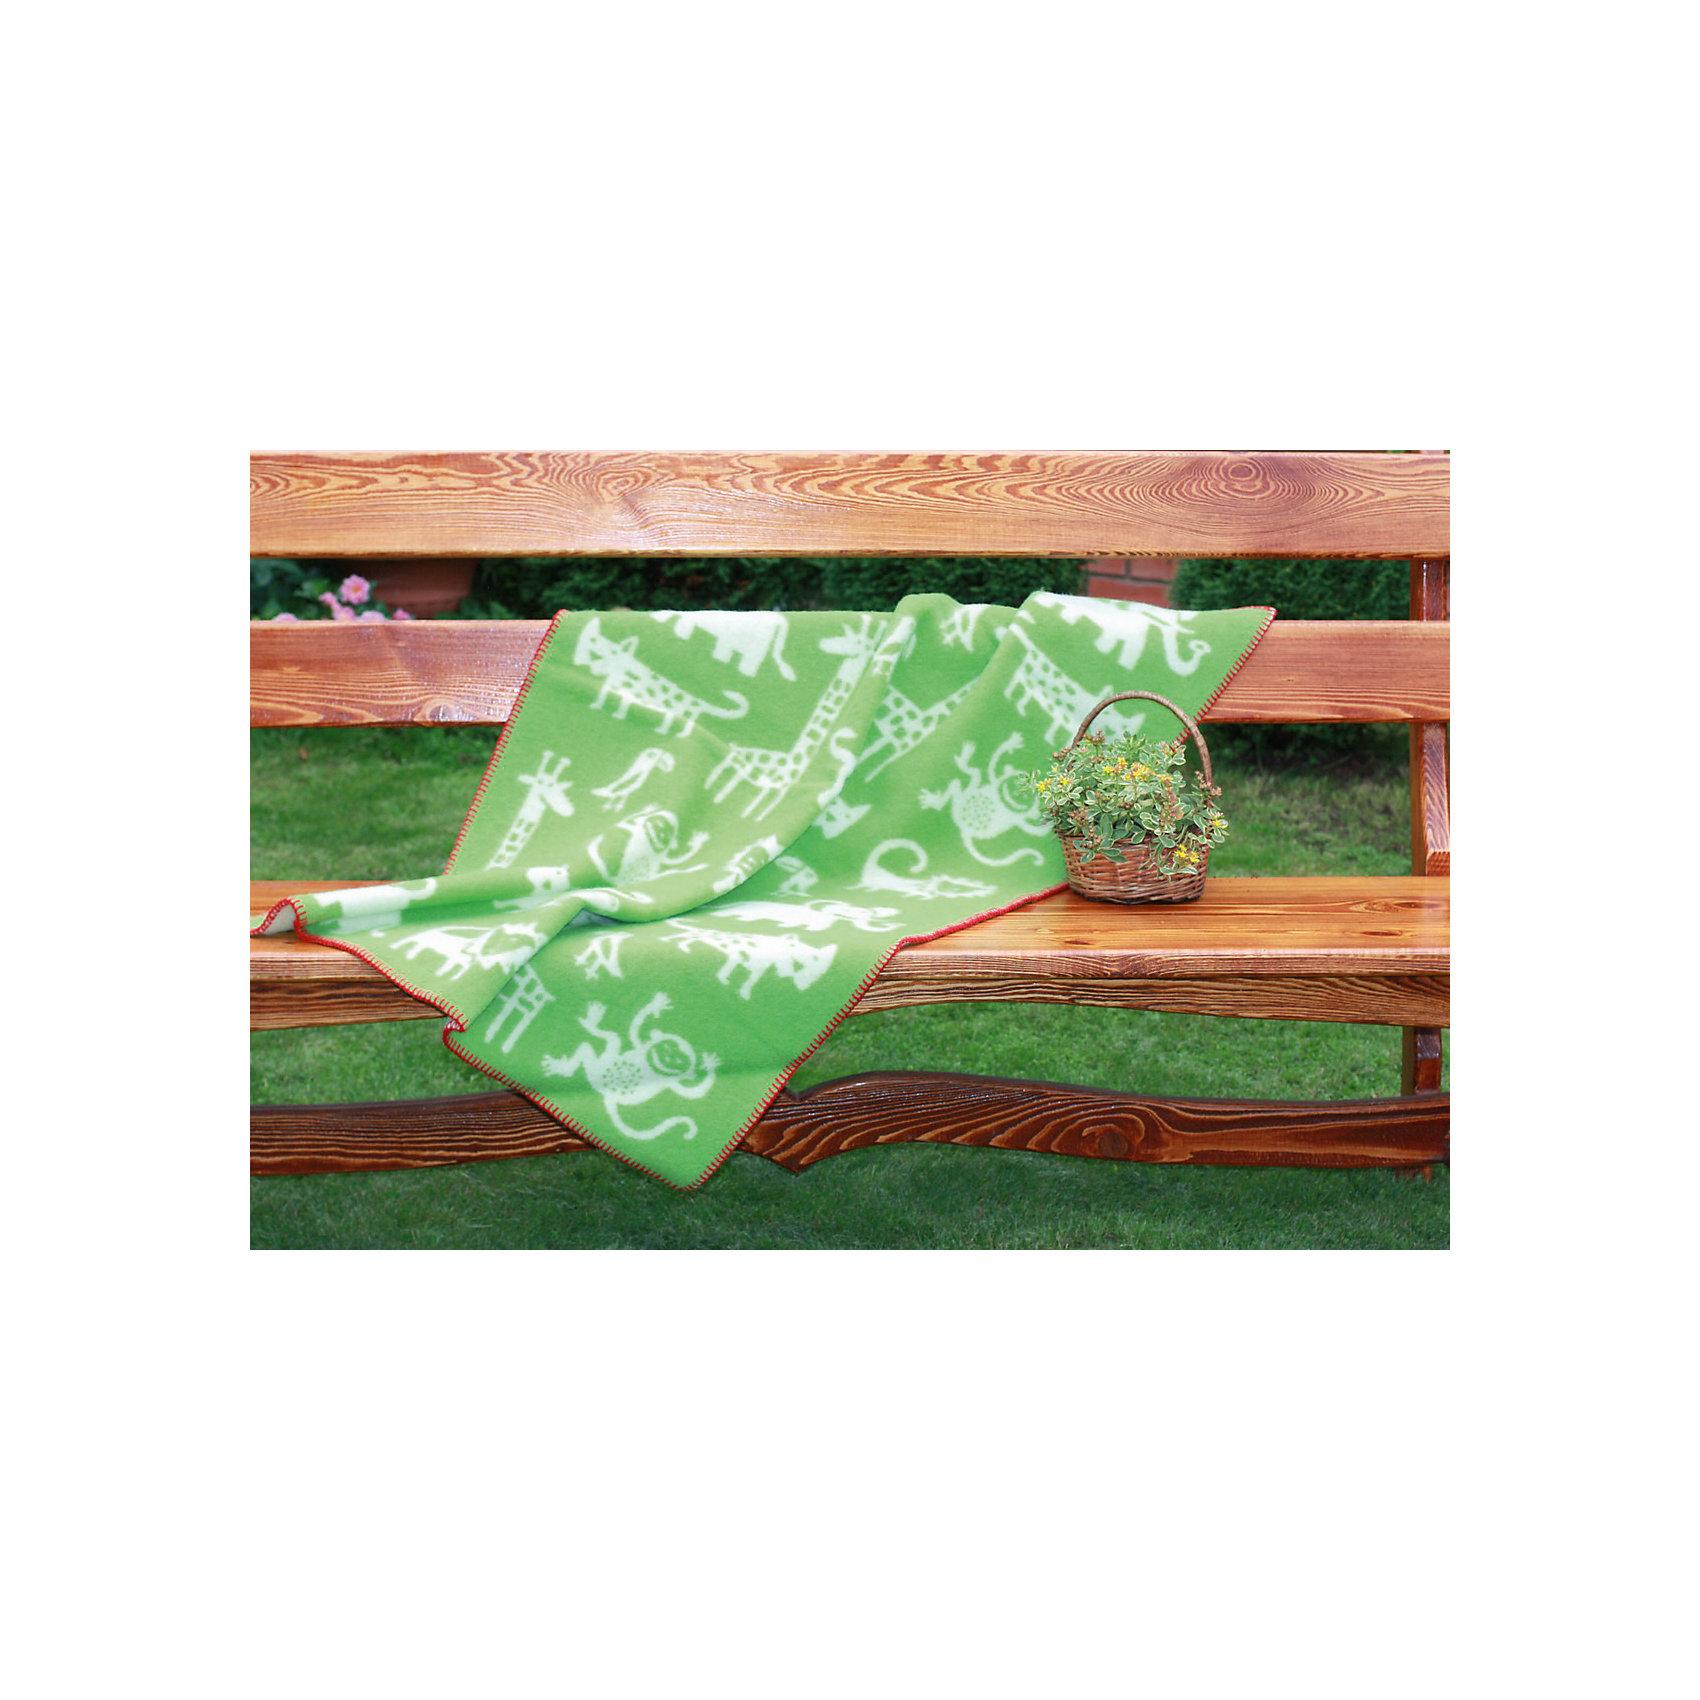 Одеяло эко-шерсть 90х130, джунгли, Klippan, зеленый<br><br>Ширина мм: 800<br>Глубина мм: 800<br>Высота мм: 50<br>Вес г: 500<br>Возраст от месяцев: 0<br>Возраст до месяцев: 12<br>Пол: Унисекс<br>Возраст: Детский<br>SKU: 5445074